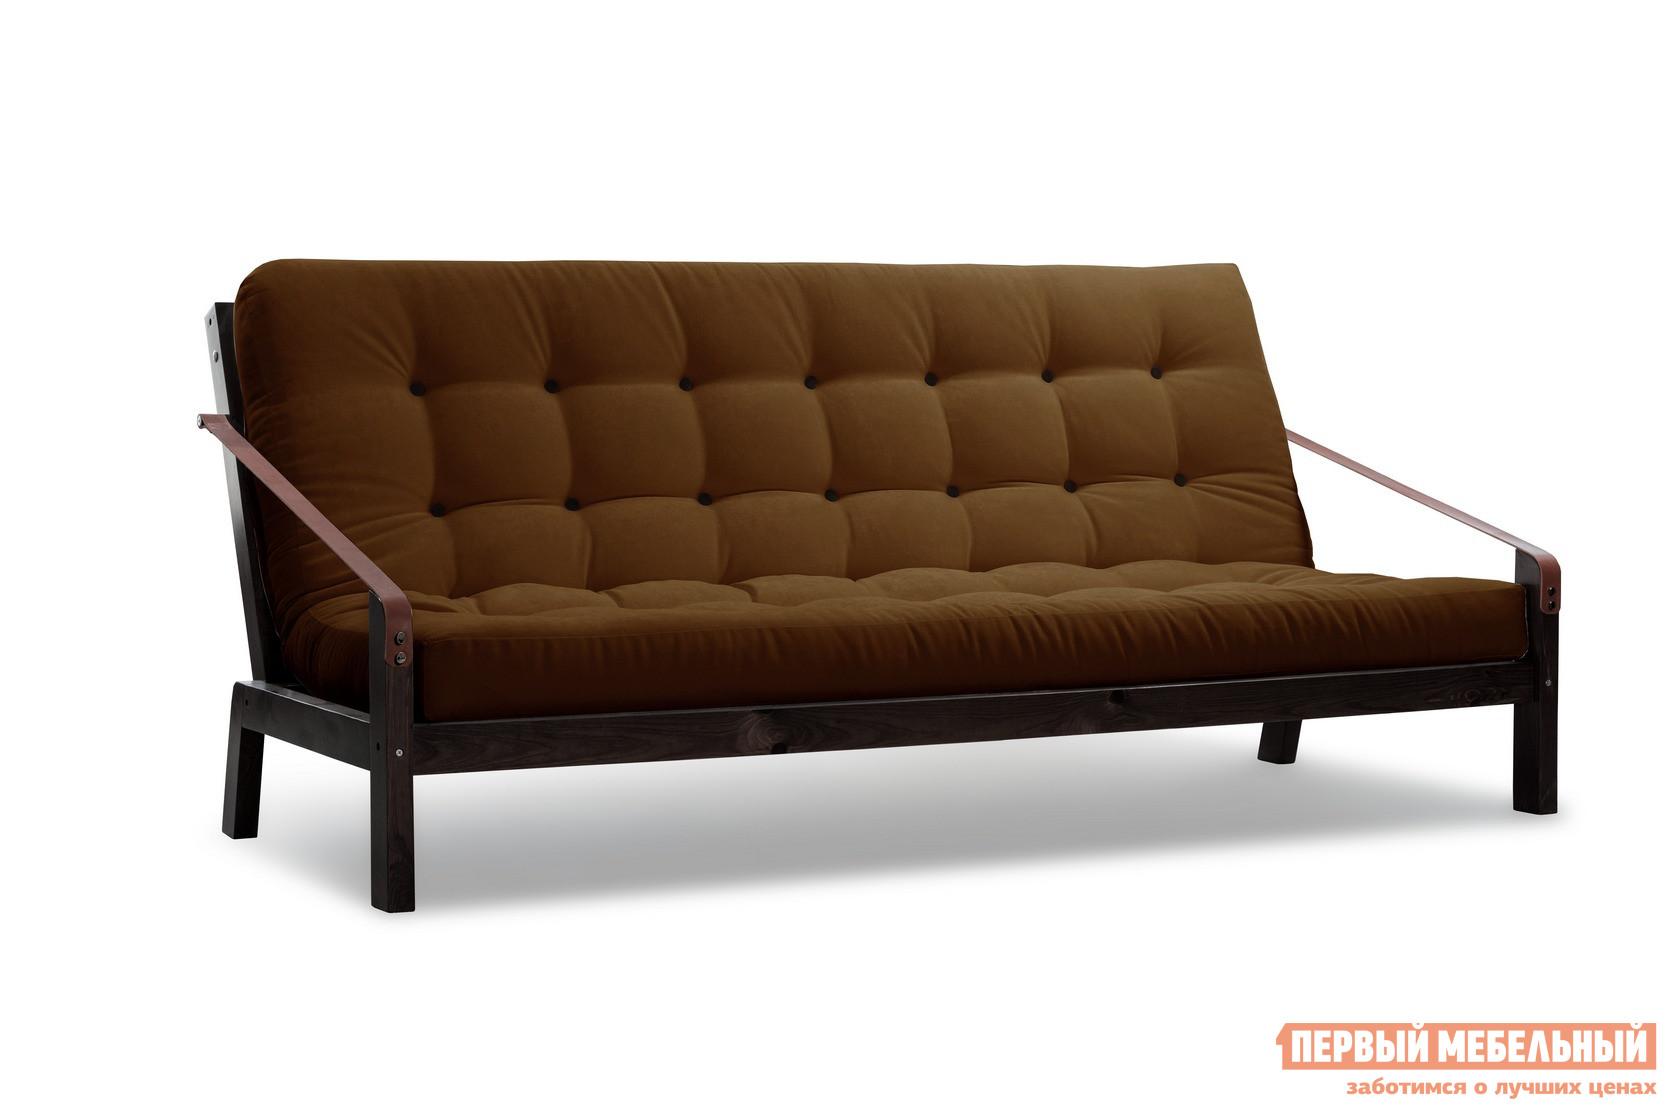 описание Прямой диван АНД Локи сосна венге Коричневый